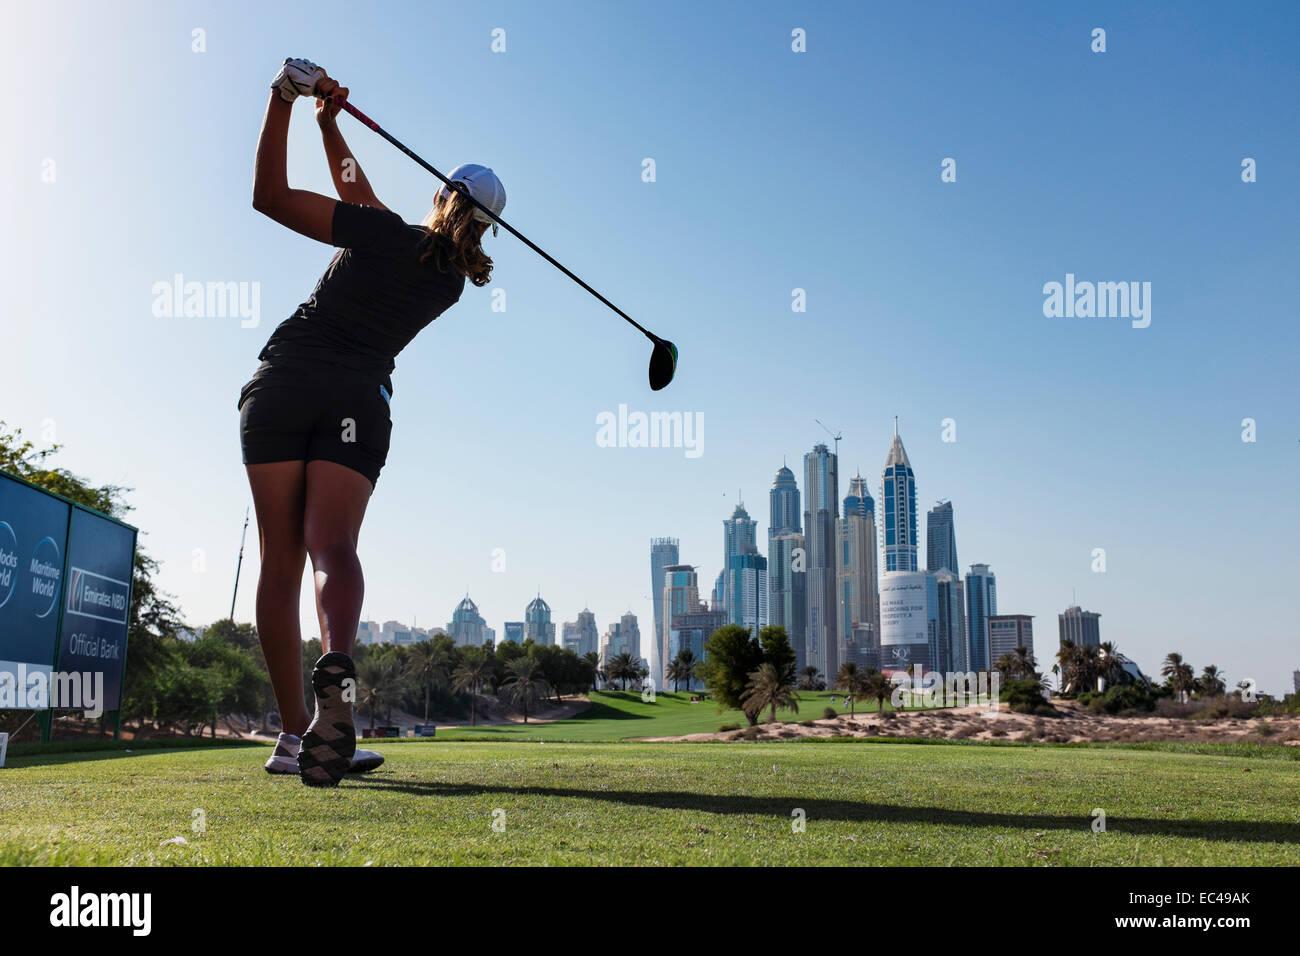 Dubai, Emirati Arabi Uniti. 9 dicembre, 2014. Cheyenne Woods (nipote di Tiger Woods) DEGLI STATI UNITI D'AMERICA Immagini Stock